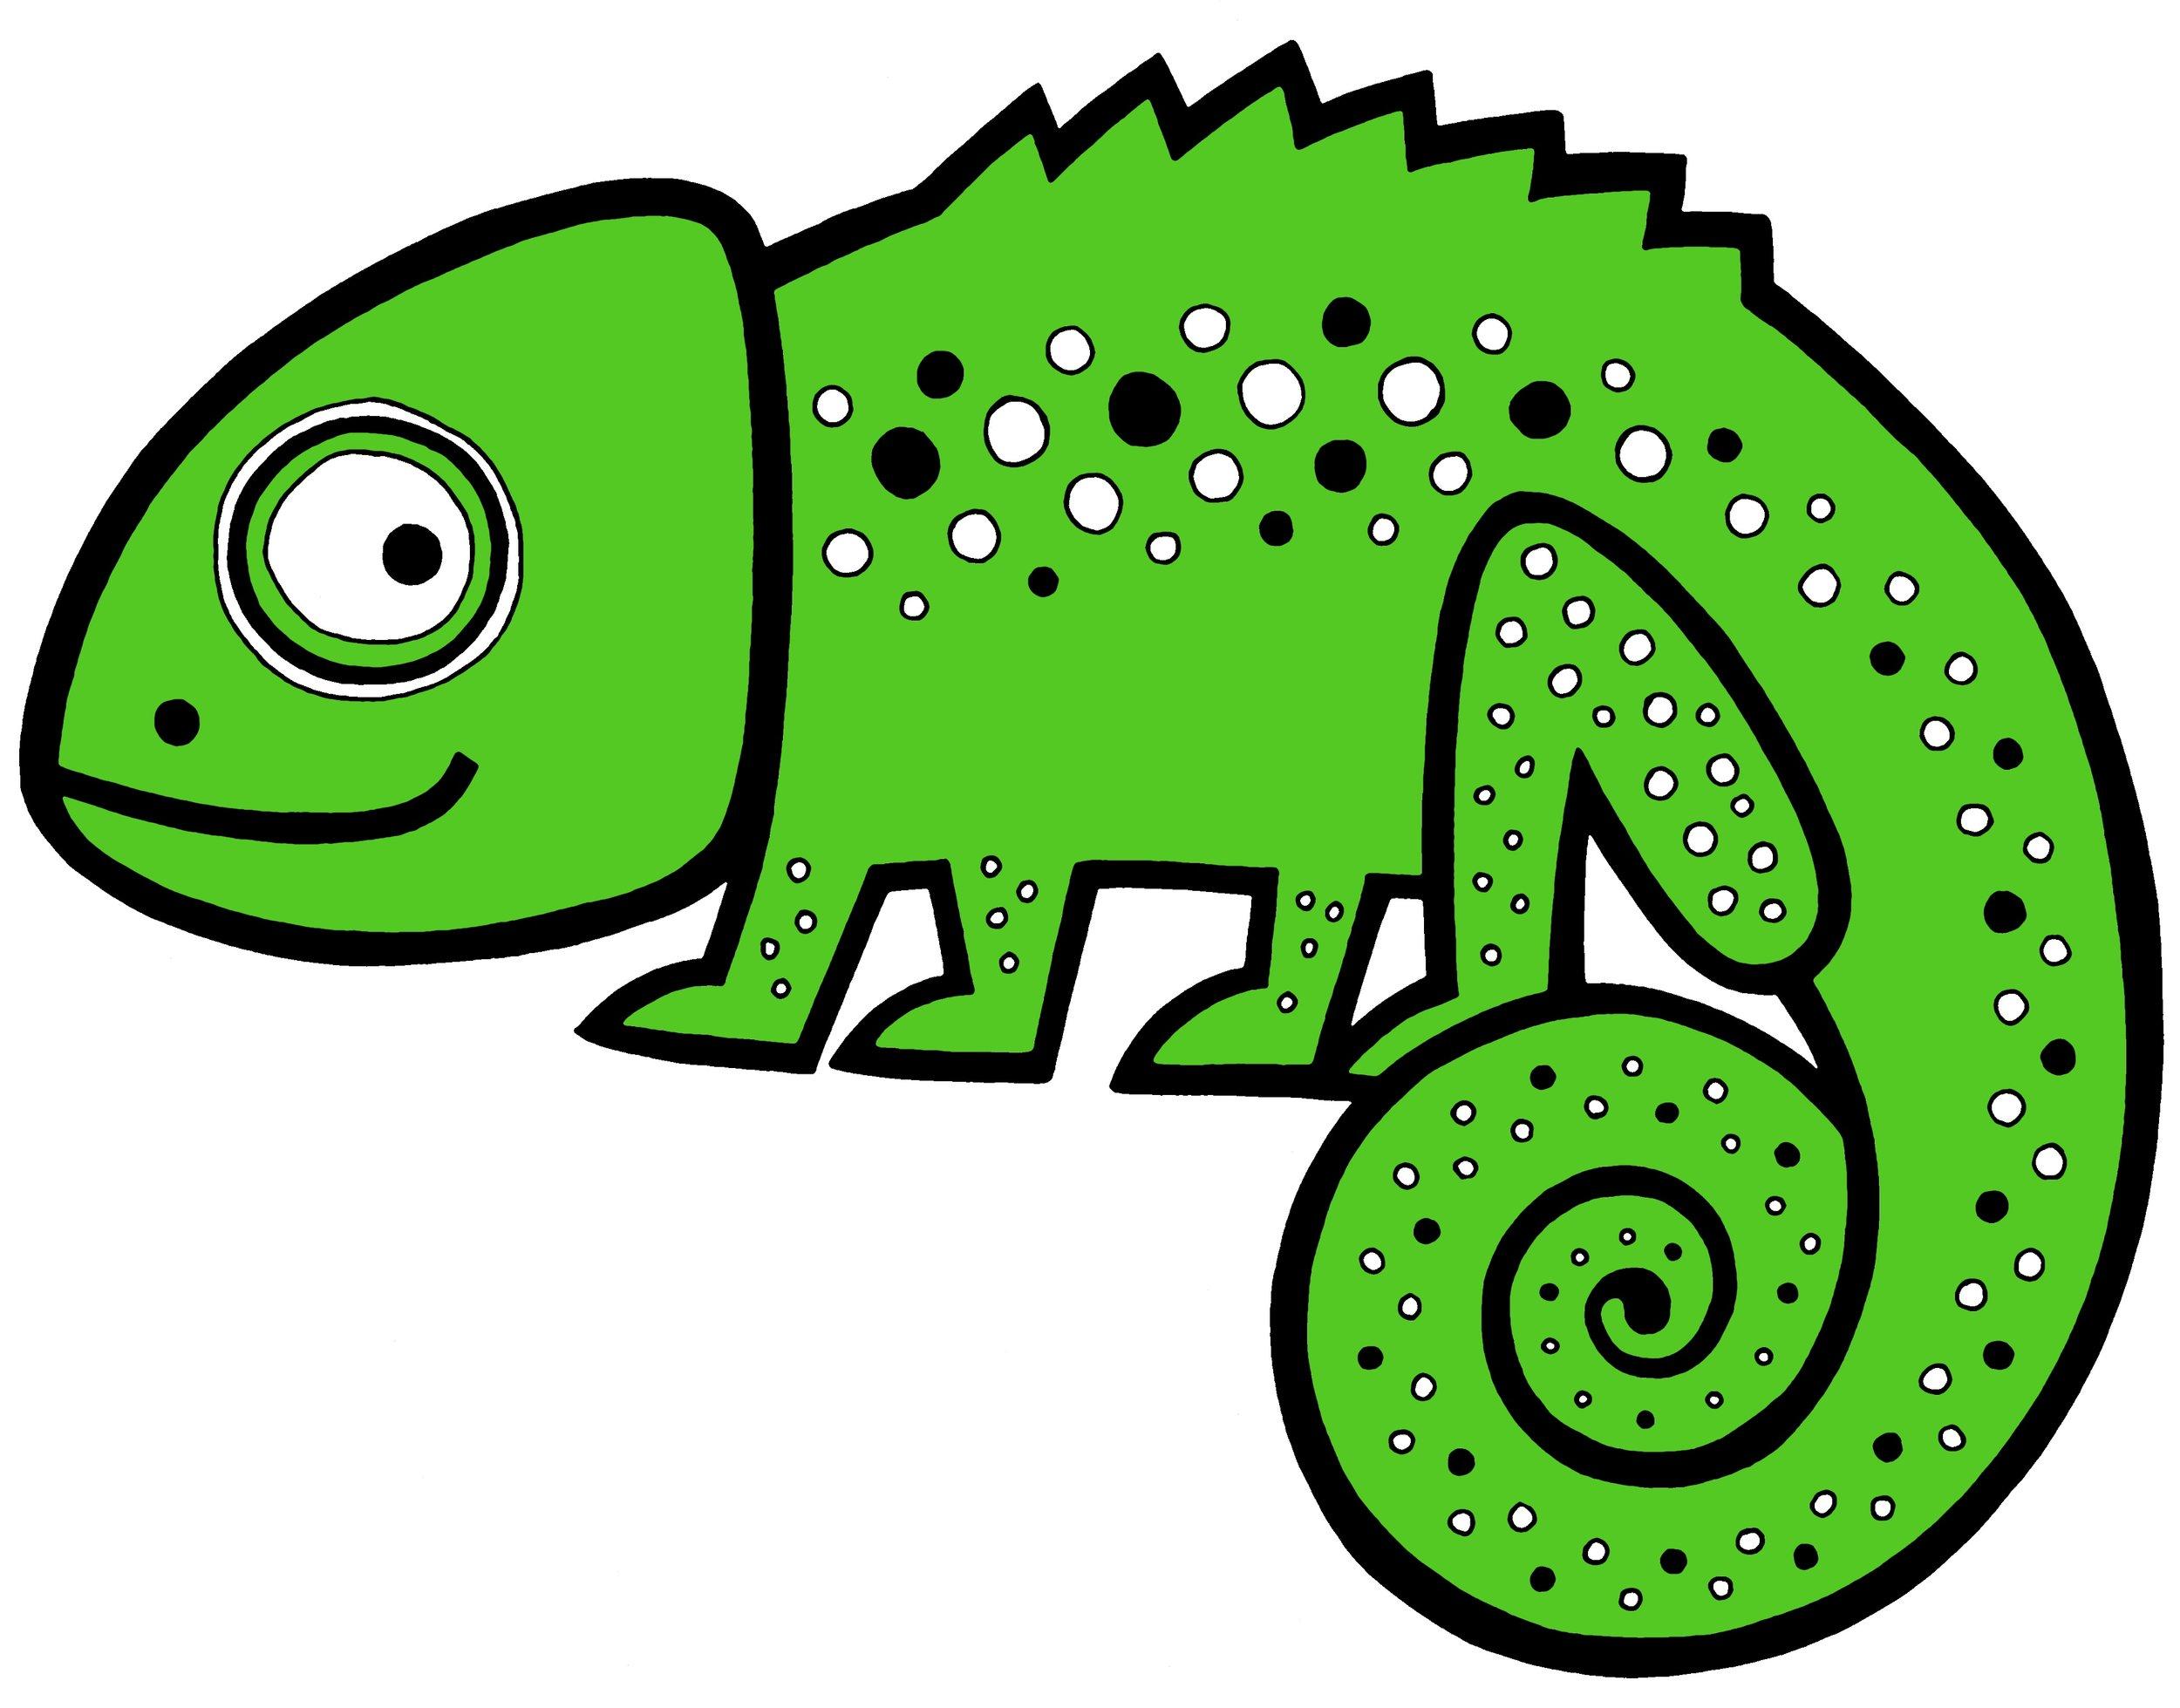 CHAMELEON pet green copy.jpg